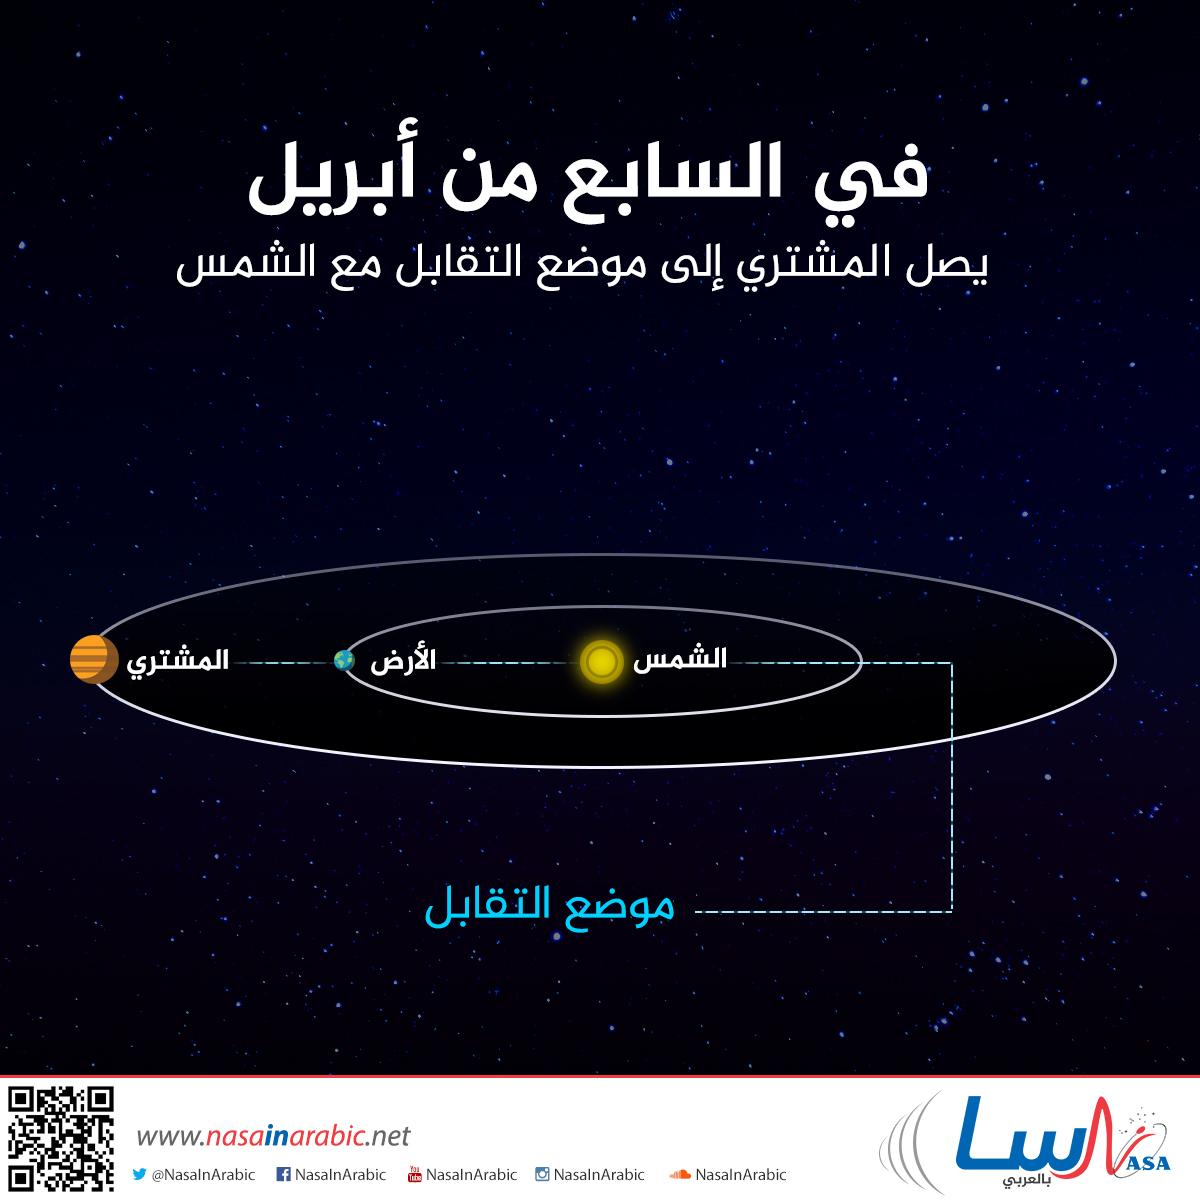 في السابع من أبريل يصل المشتري إلى موضع التقابلمع الشمس